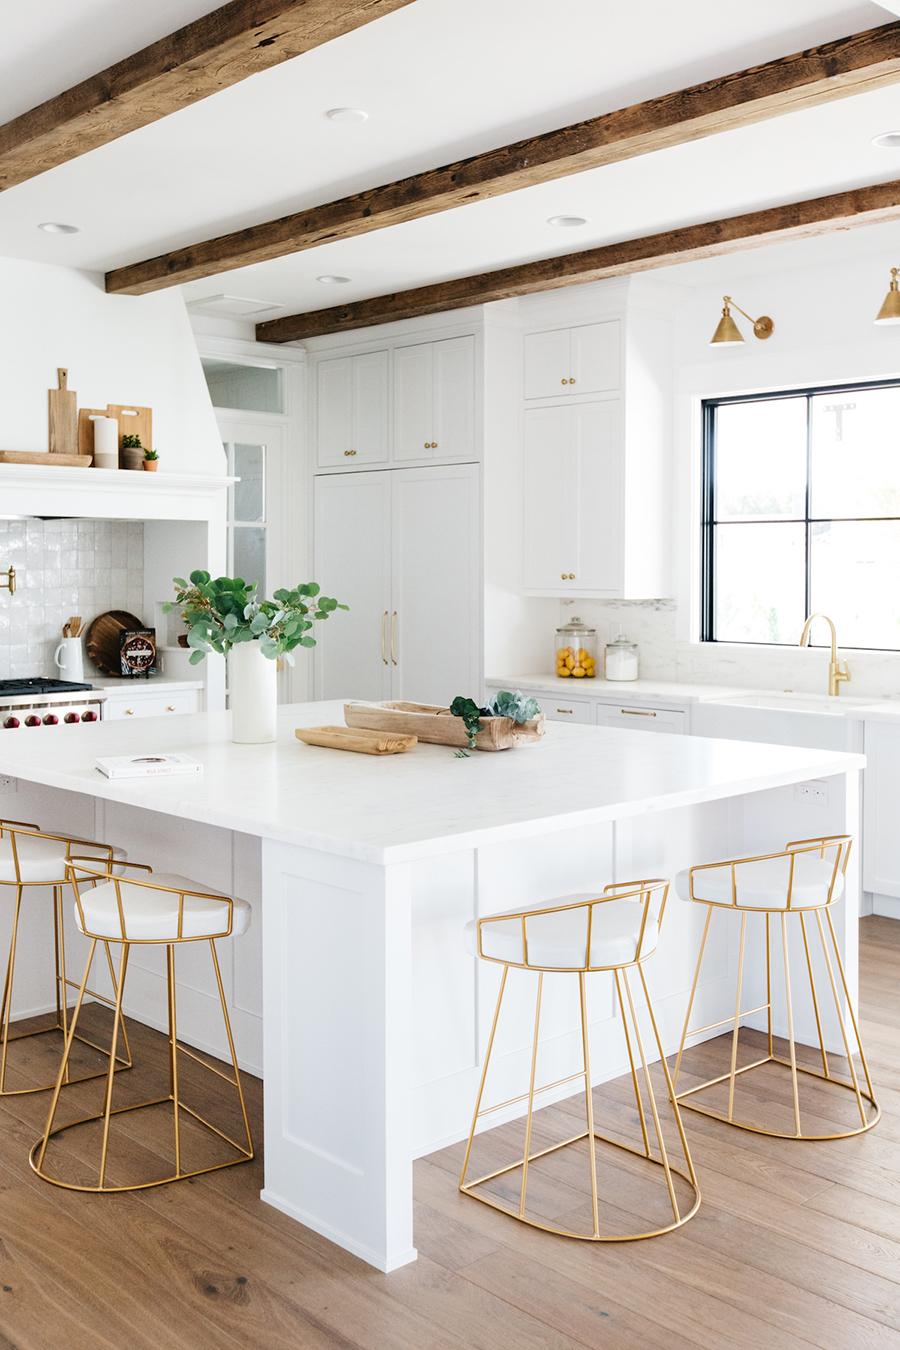 Una cocina abierta puede servir para realizar distintas tareas.